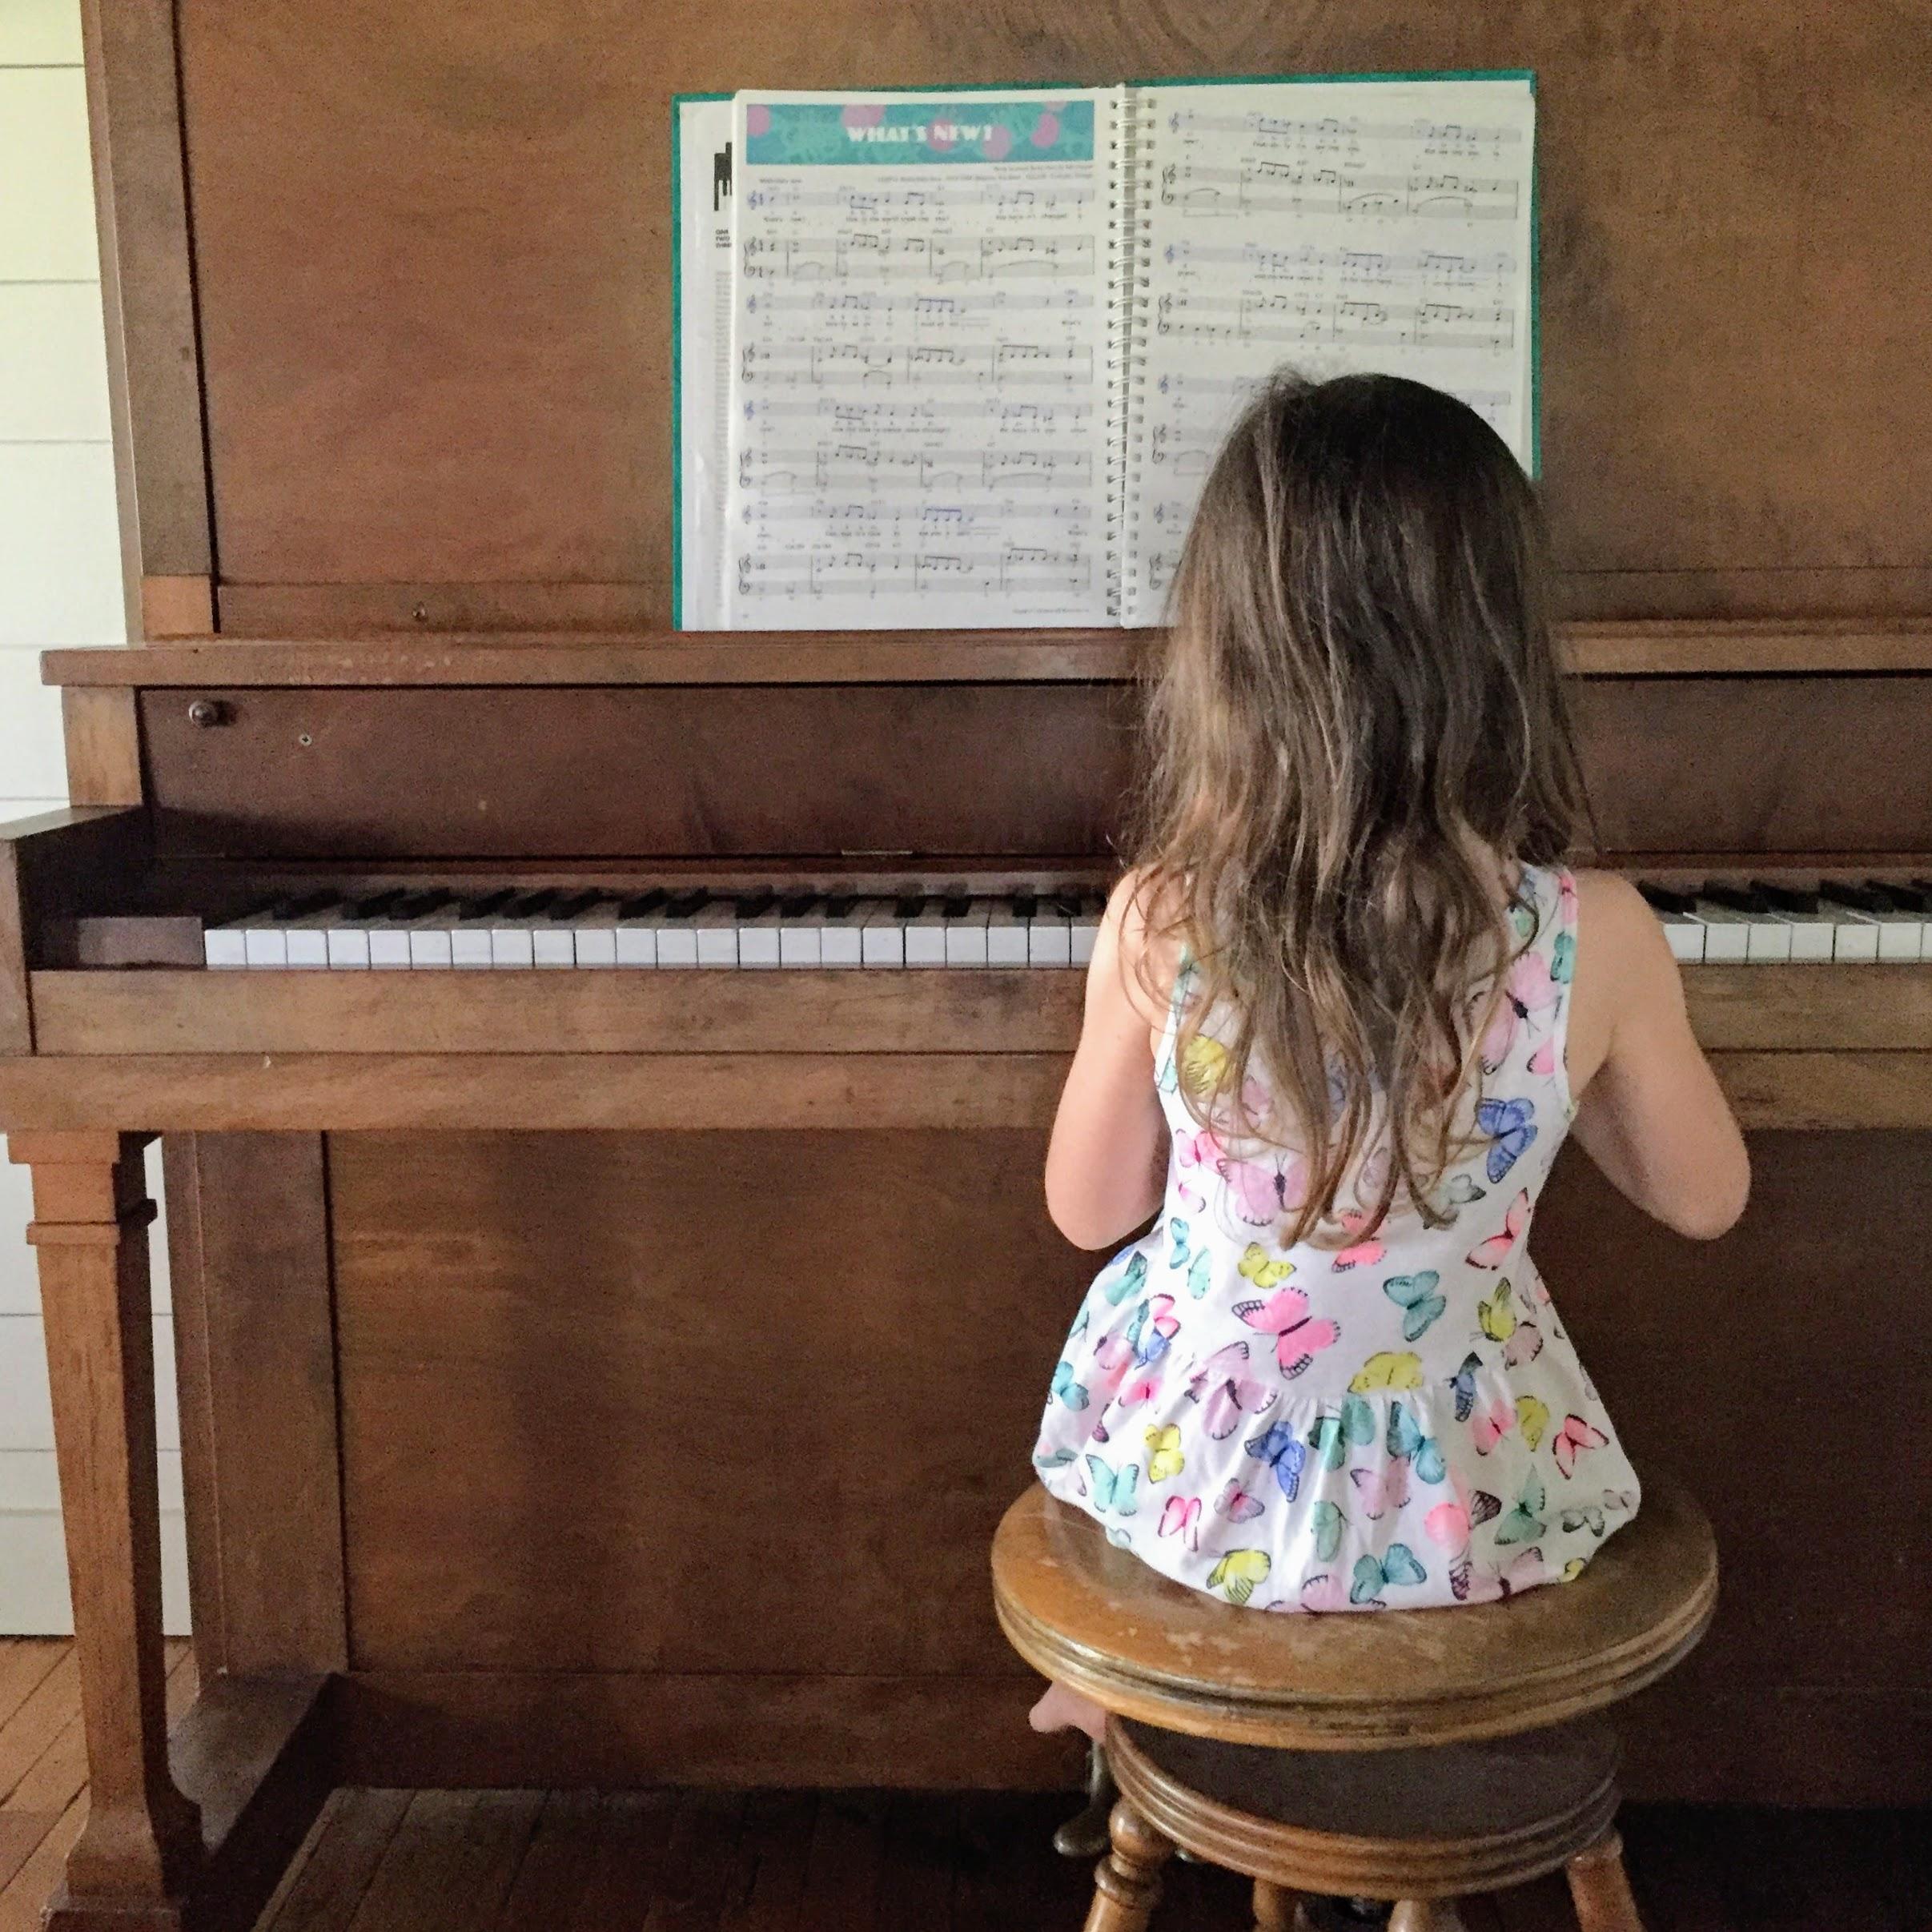 A Gentle Charlotte Mason Homeschool Kindergarten Curriculum | on theschoolnest.com